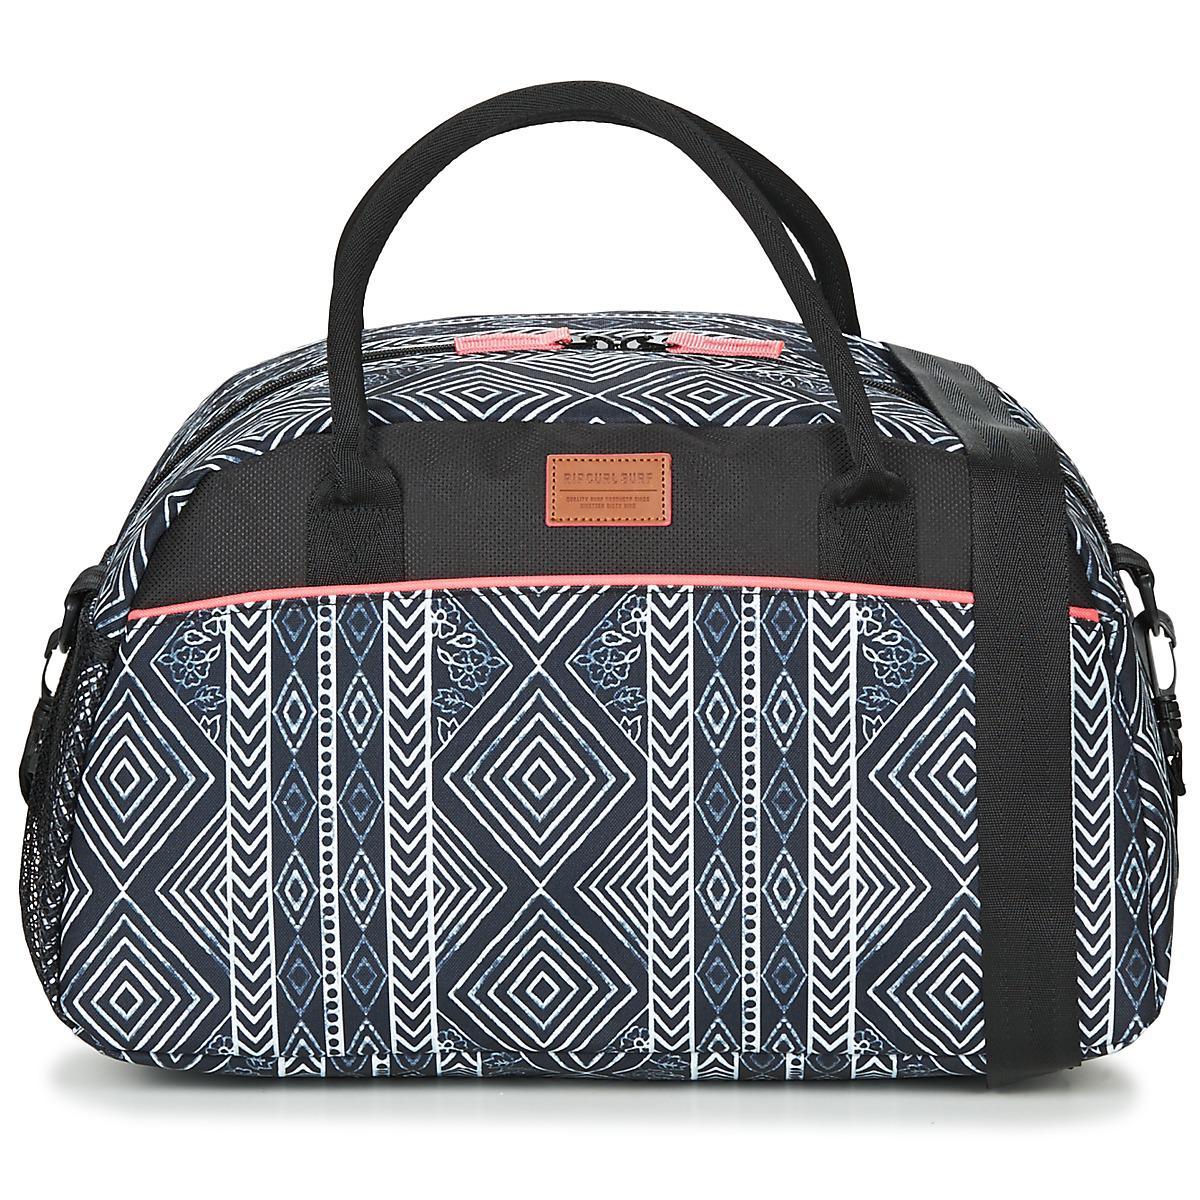 Black Sand Gym Travelbag black Rip Curl SHn0juAKs